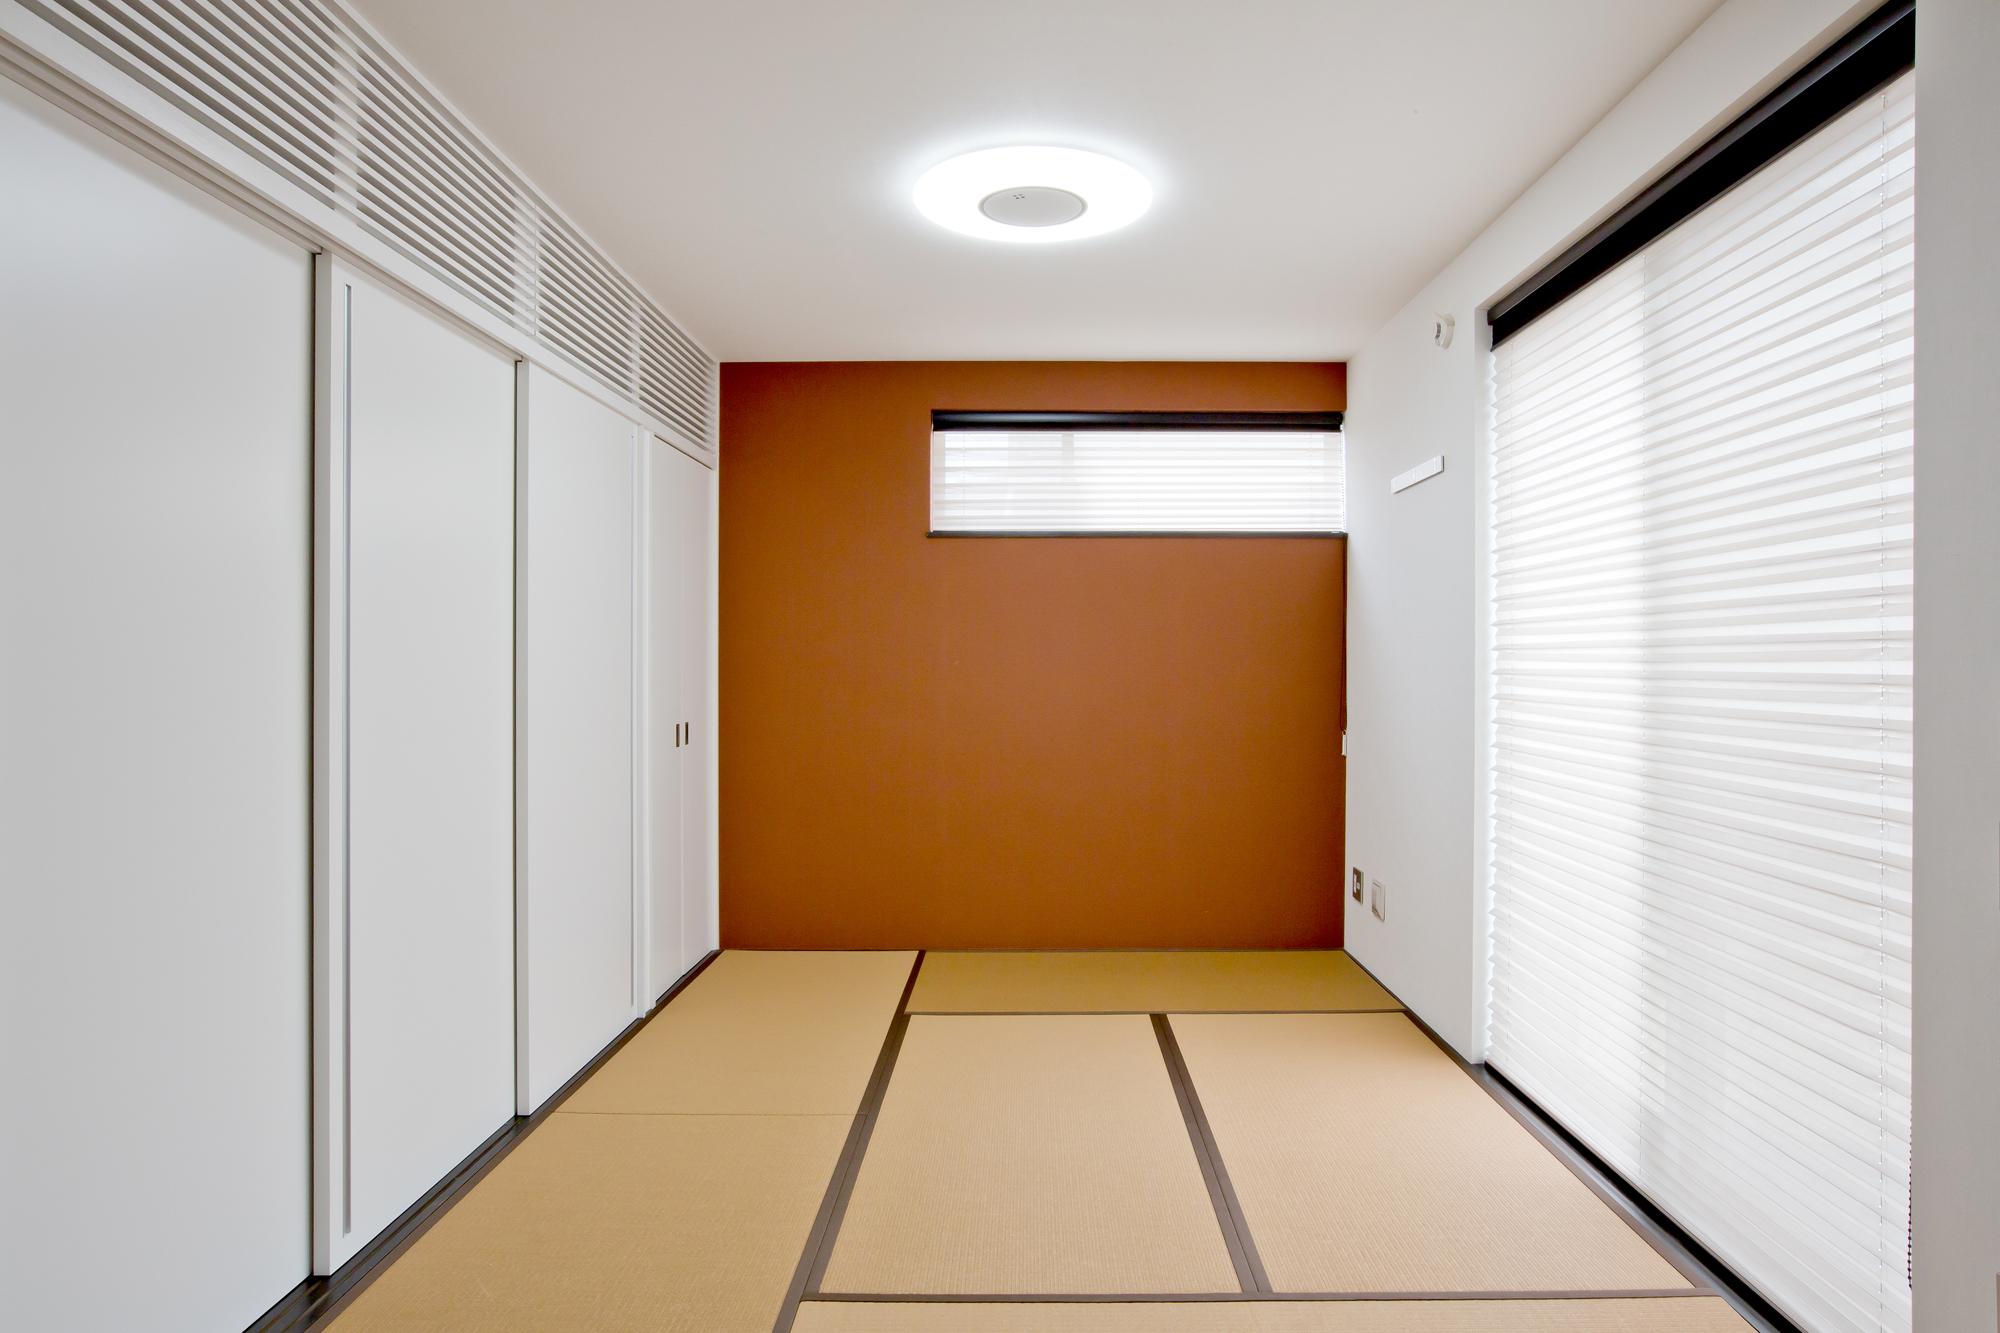 白い引き戸 壁 天井が 朱色の壁をより鮮やかに見せる和室 Fevecasa